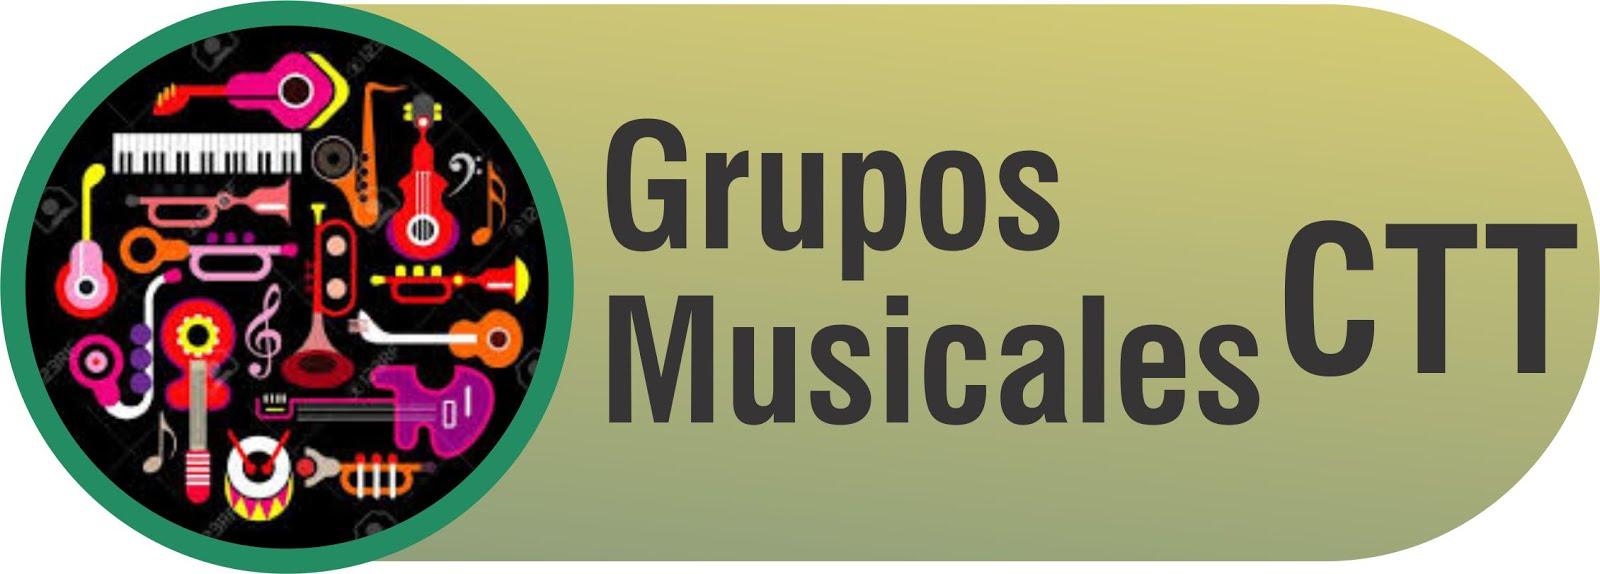 Grupos Musicales CTT